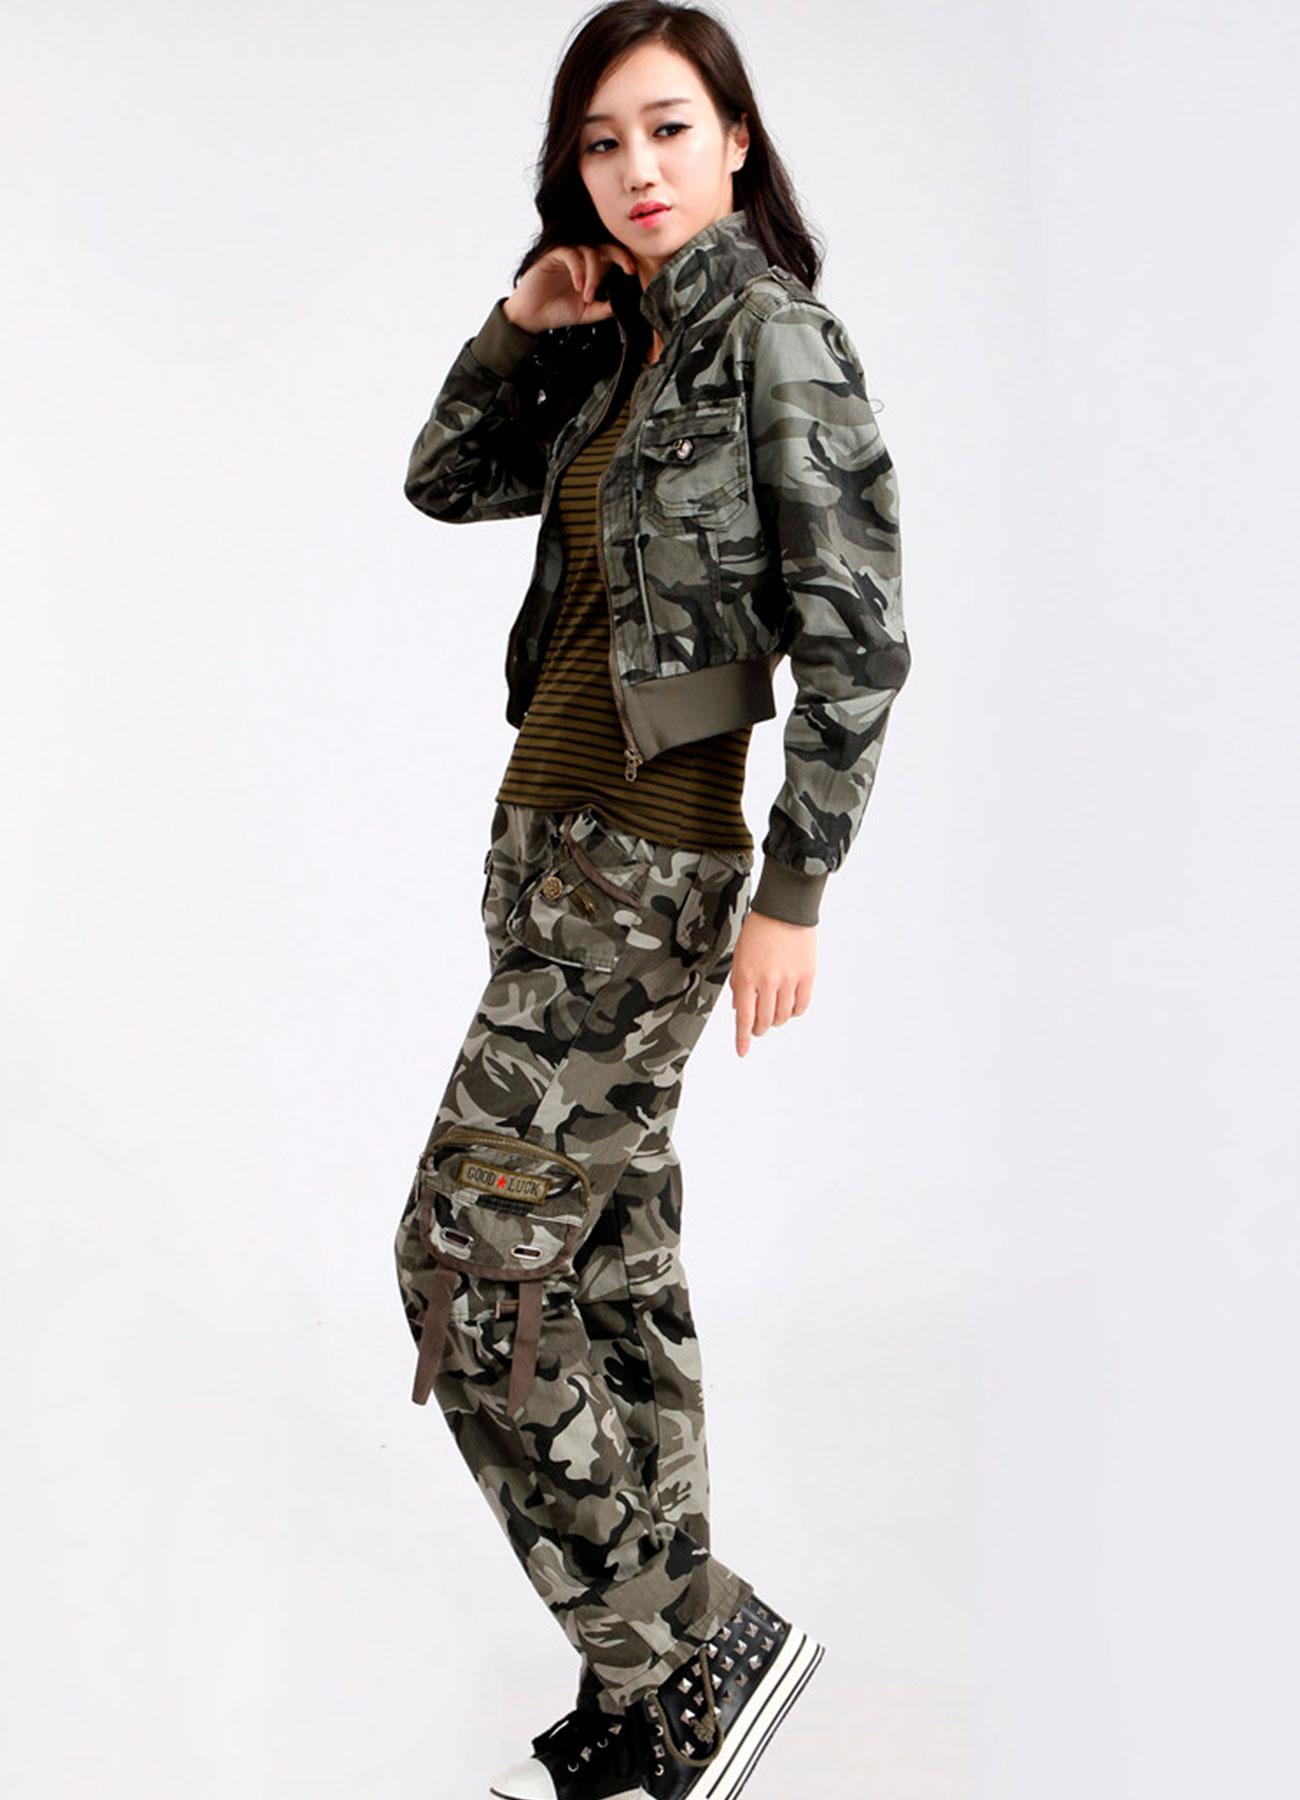 Камуфляжная Одежда Больших Размеров С Доставкой